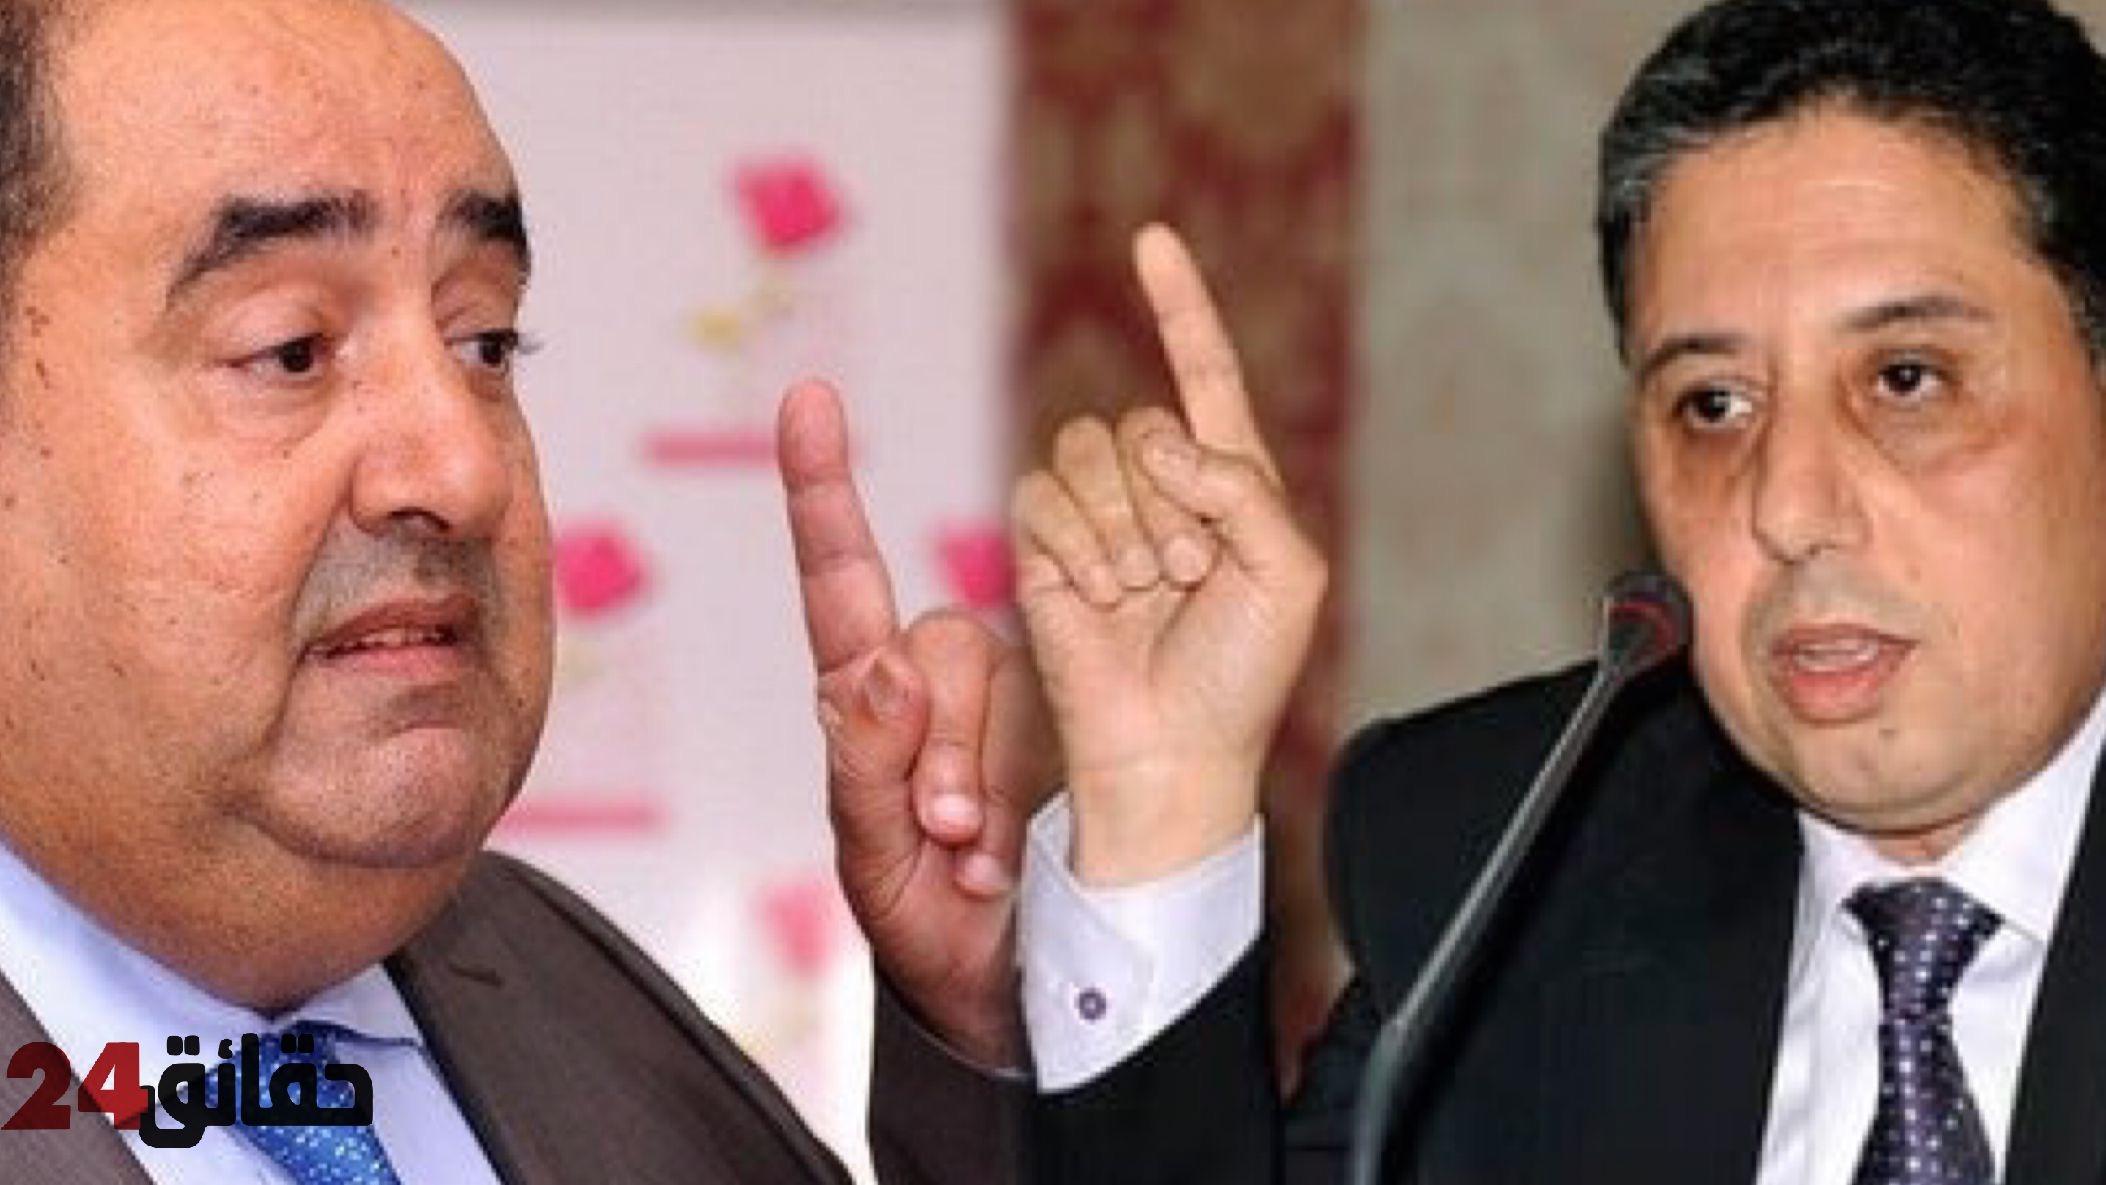 صورة لشكر ينافس بوعيدة في الإنتخابات التشريعية بكلميم